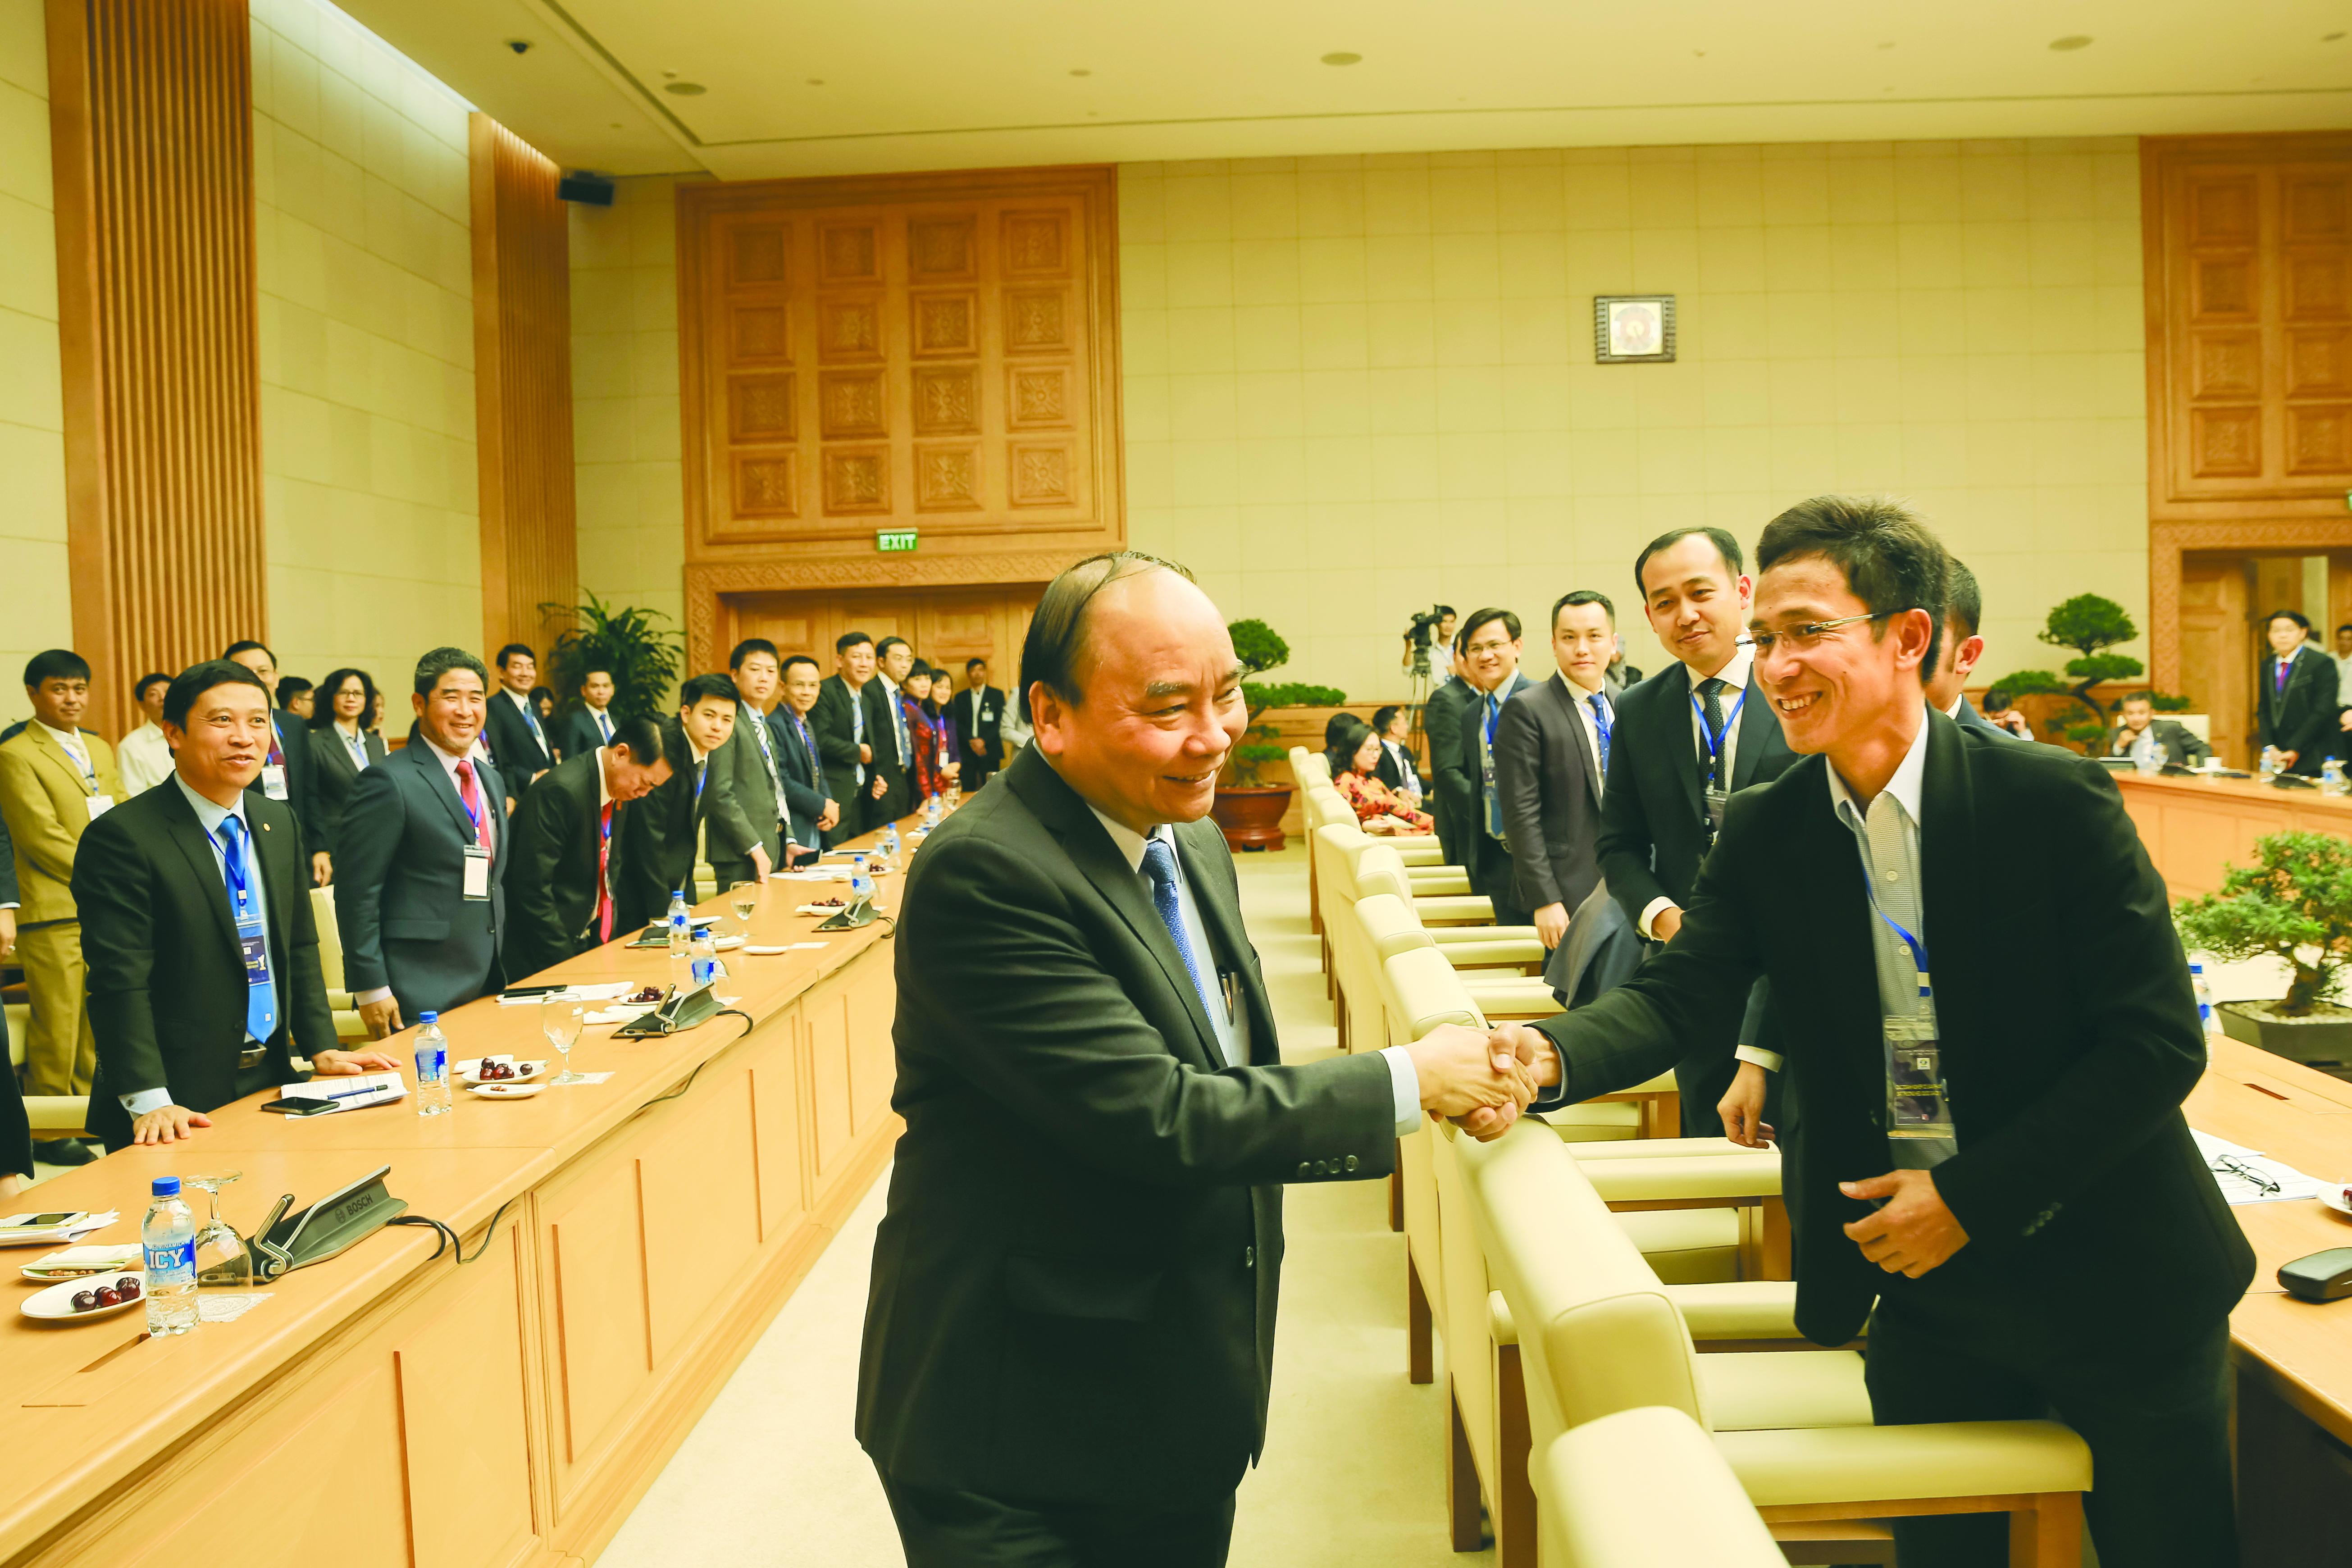 Ông Dương Quốc Tuấn – Tổng Giám đốc Tập đoàn Austdoor tham dự  tiếp kiến Thủ tướng Chính phủ Nguyễn Xuân Phúc